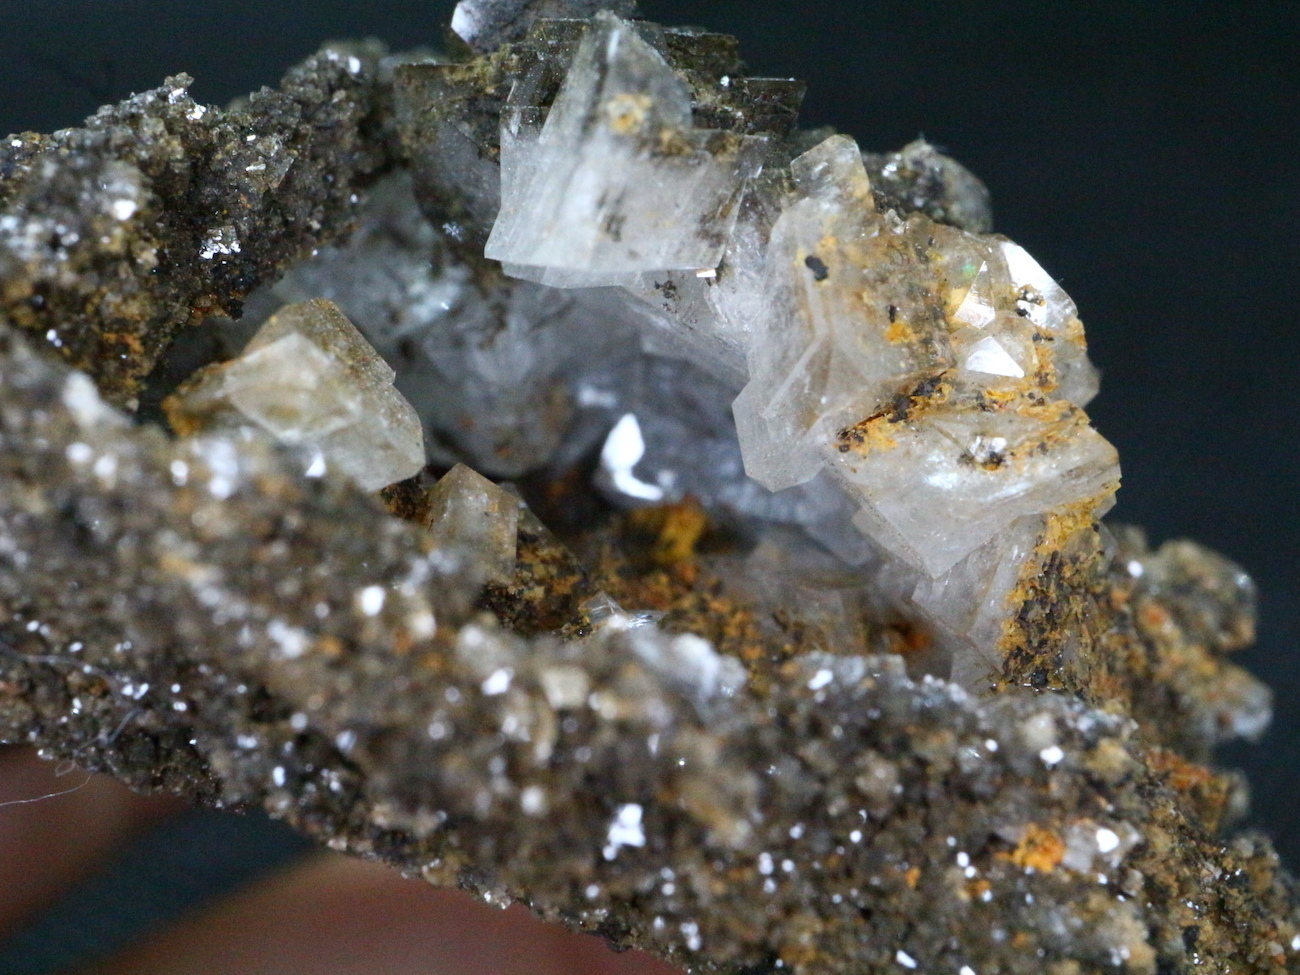 メキシコ産 カルサイト   原石 ドゥルージー 28,7g CAL008 鉱物 天然石 パワーストーン